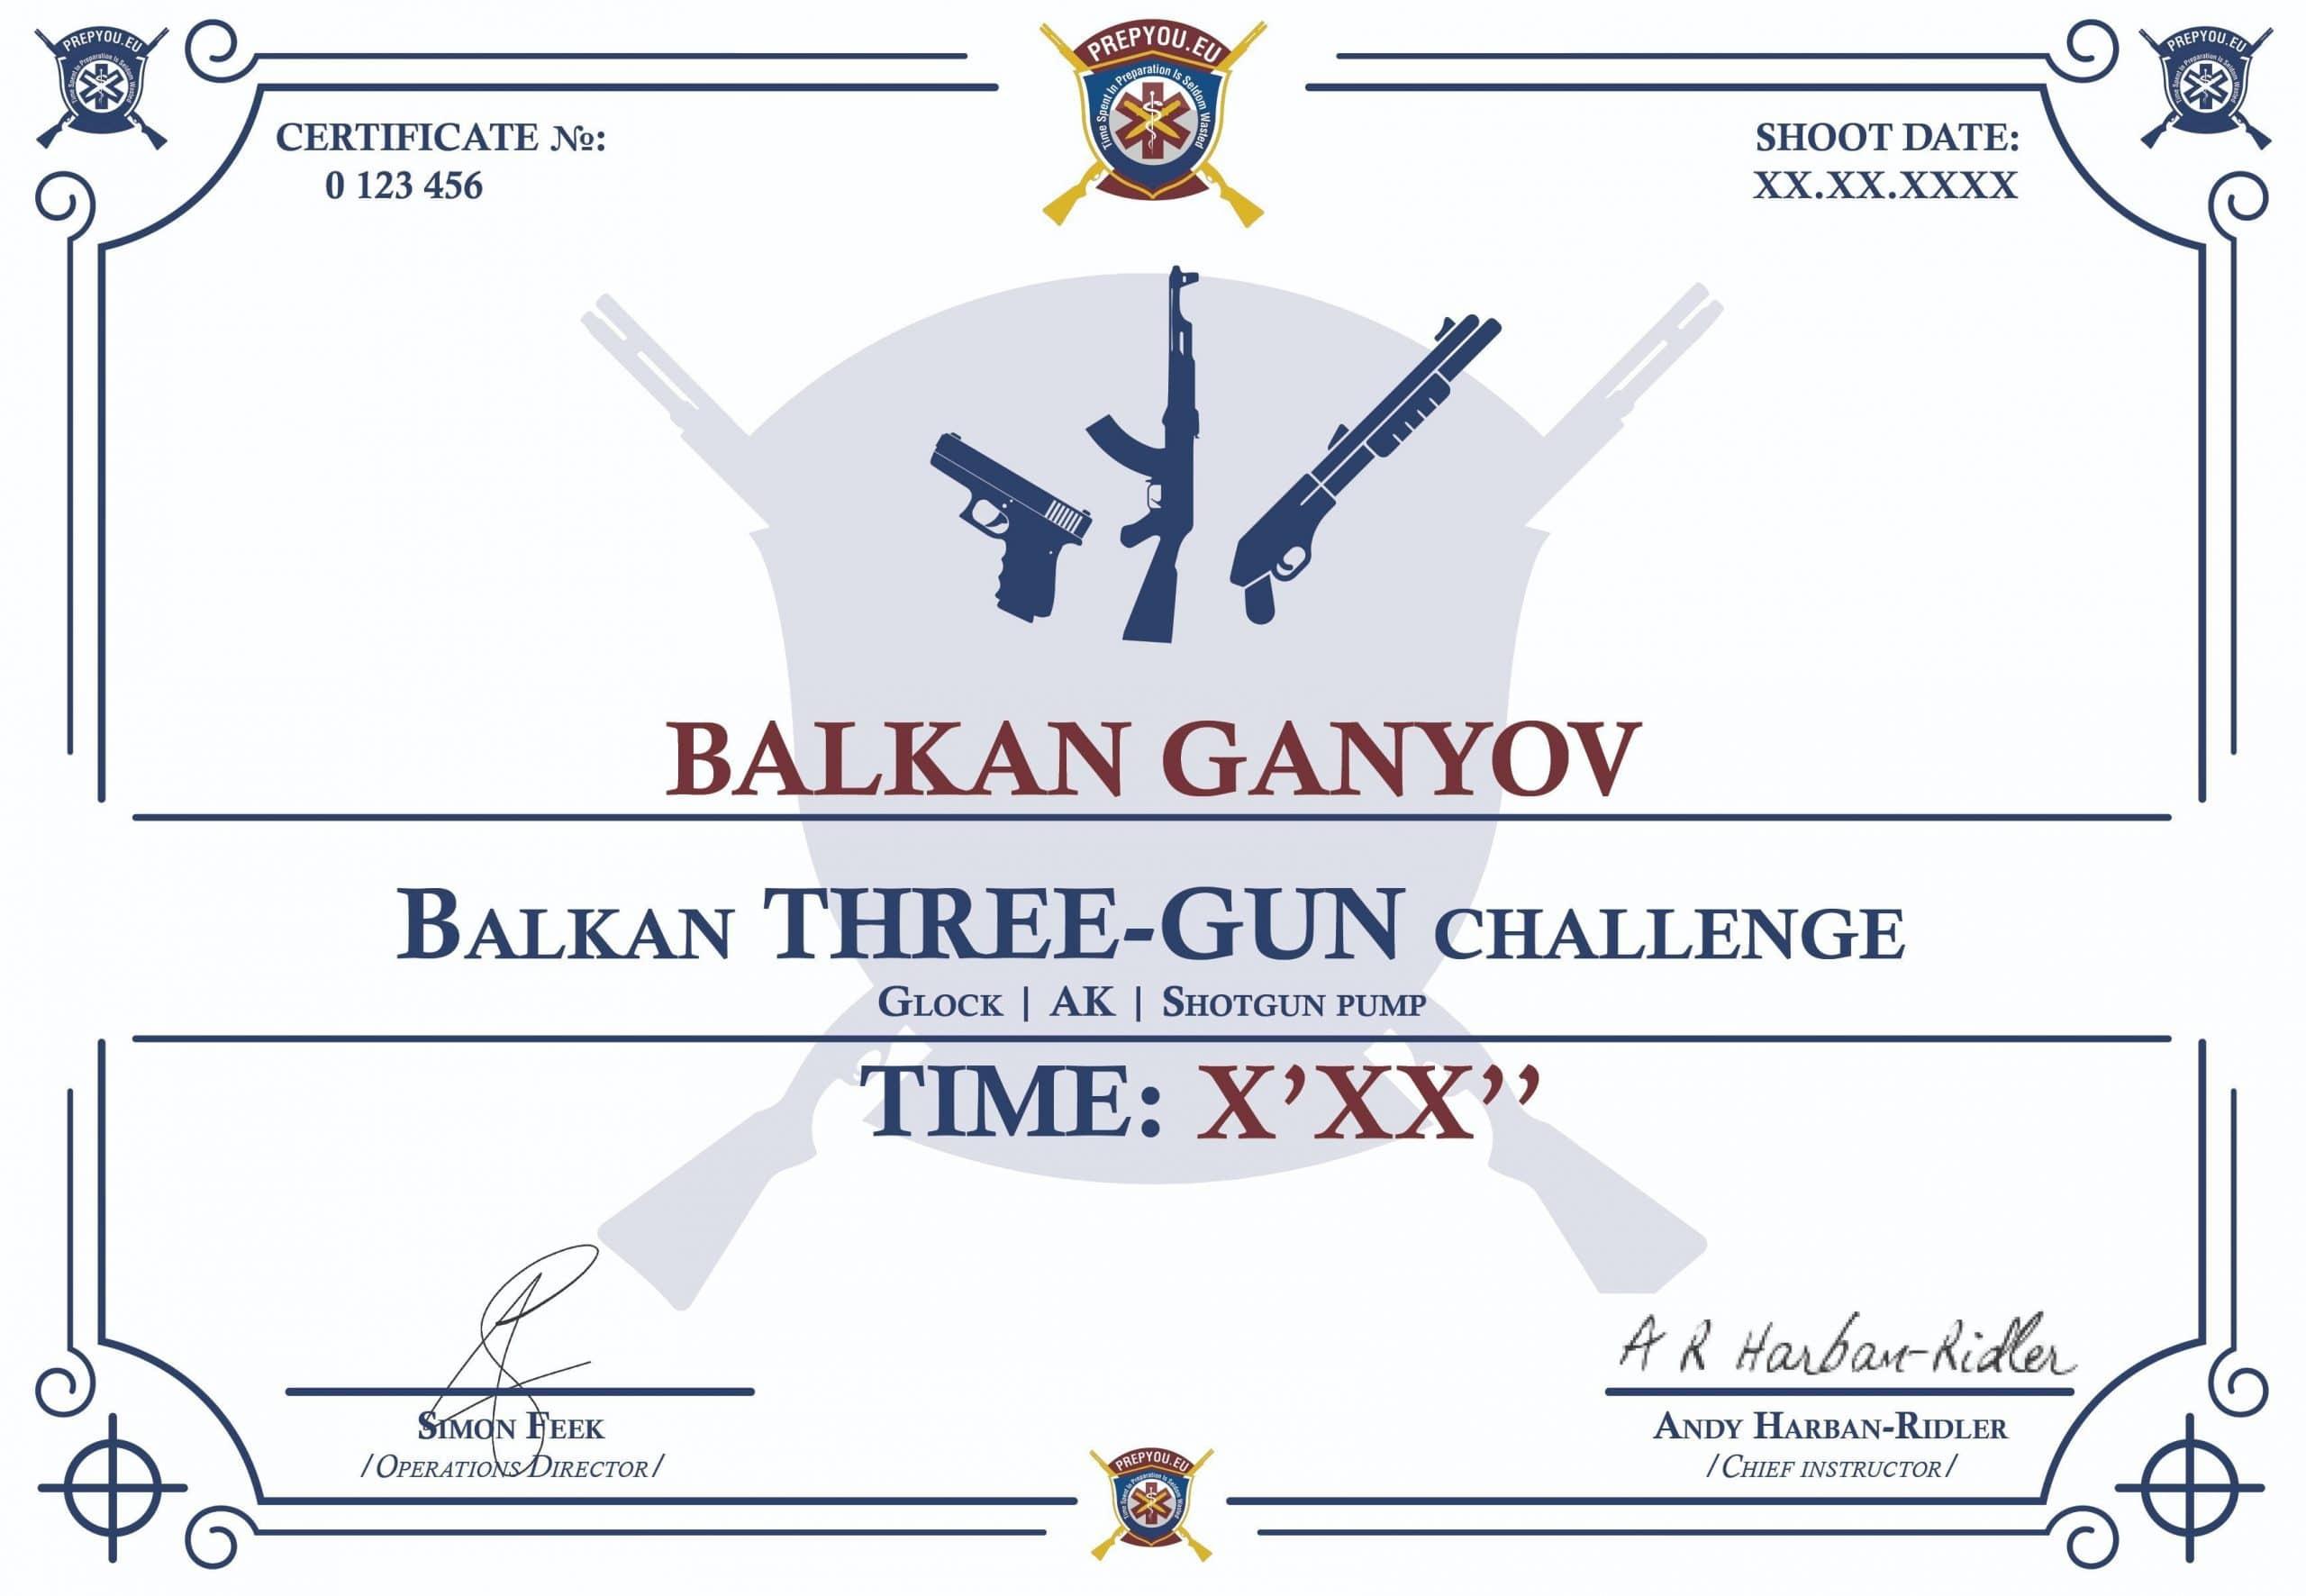 BAlkan_3_Gin_Certificate